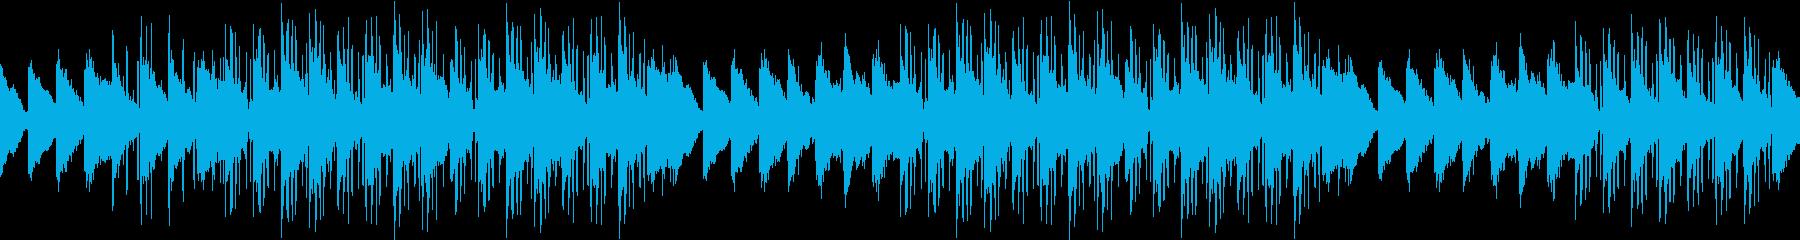 ピアノ・切ない・お洒落・別れ・ループの再生済みの波形